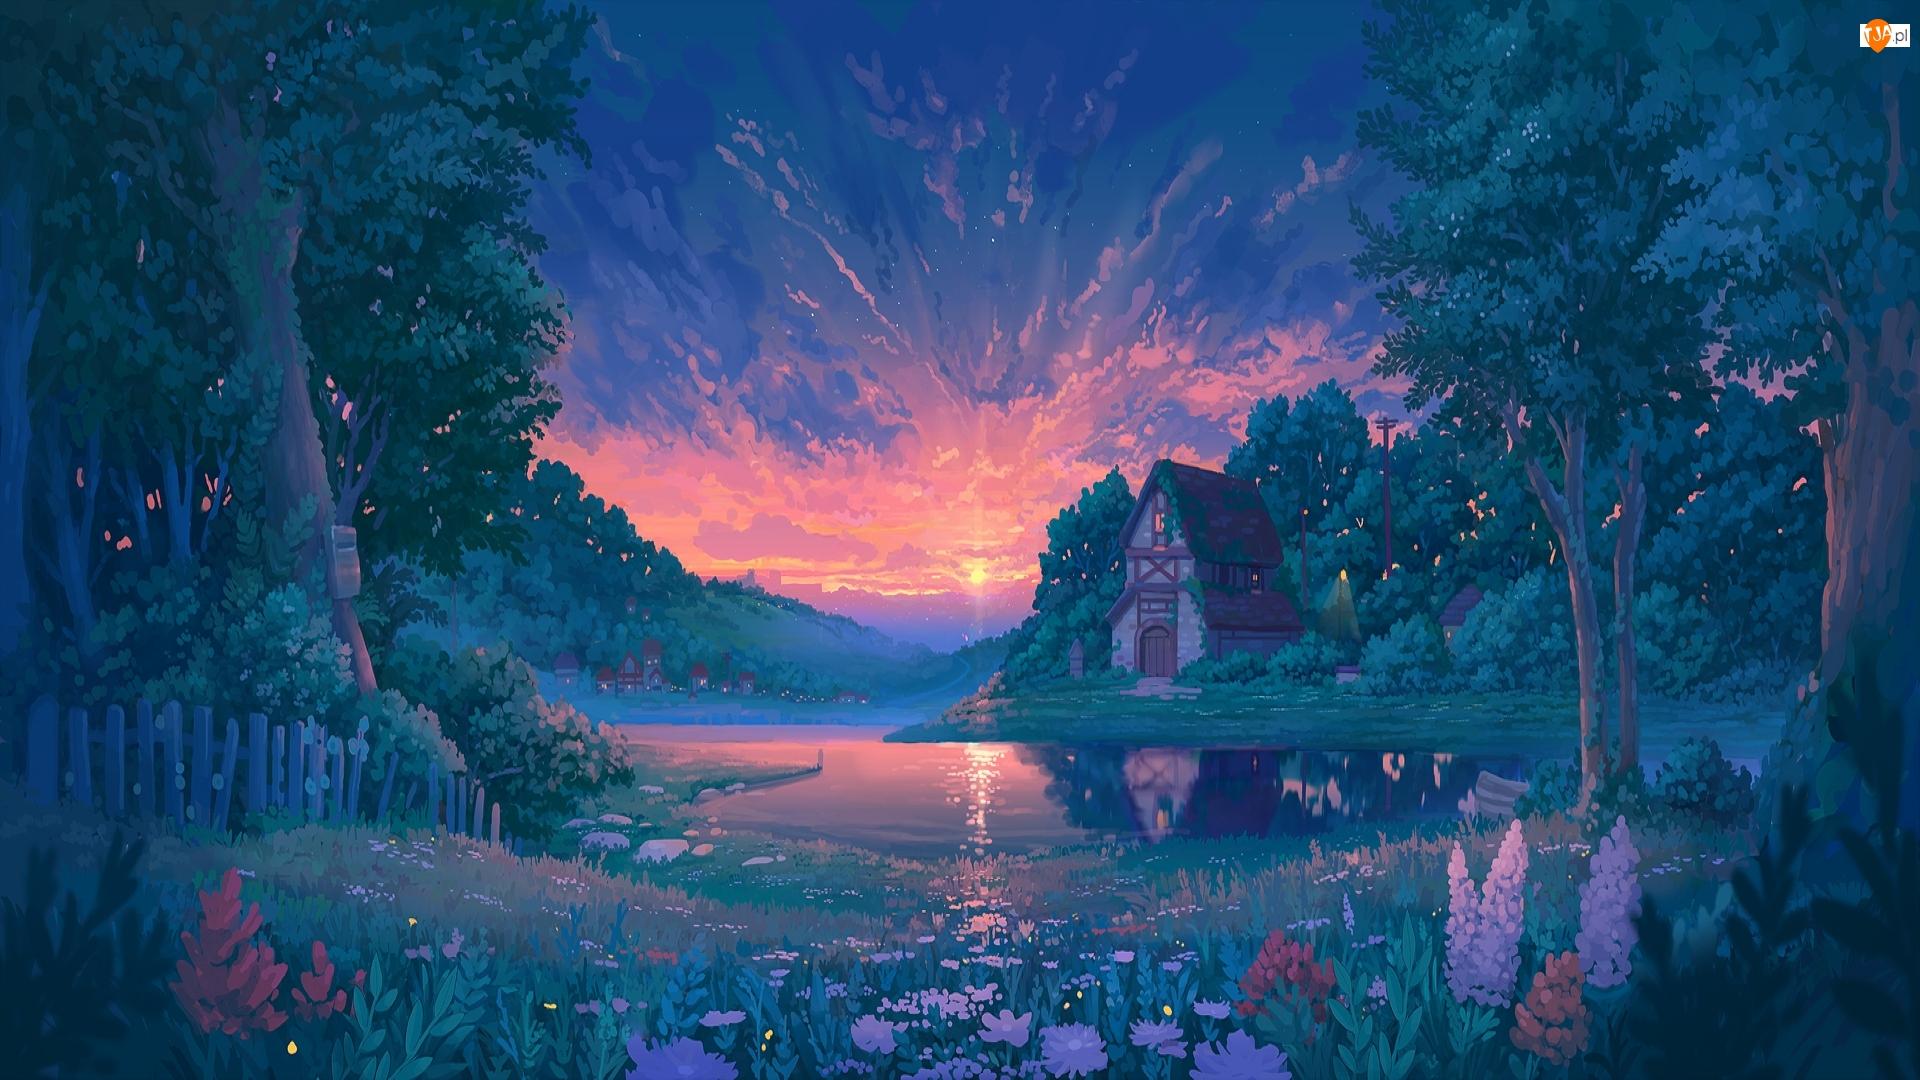 Jezioro, Dom, Wschód słońca, Grafika, Drzewa, Kwiaty